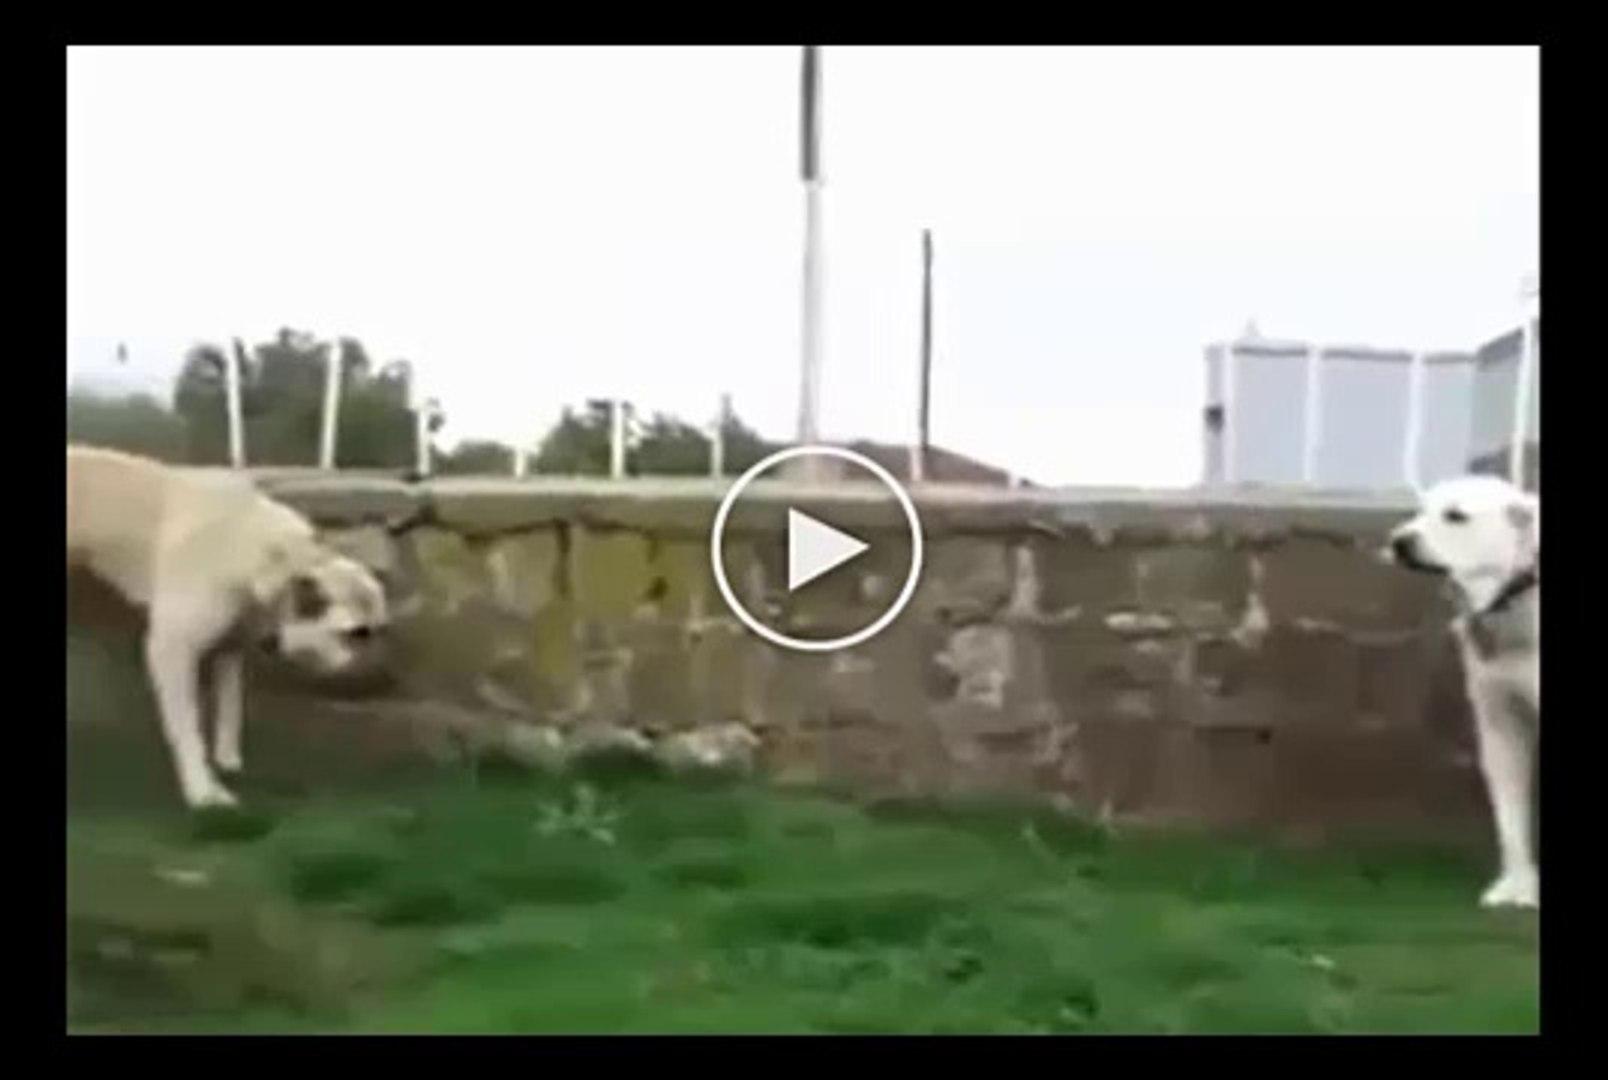 AKBAS COBAN KOPEGi vs SiVAS KANGAL KOPEGi - AKBASH DOG vs KANGAL DOG